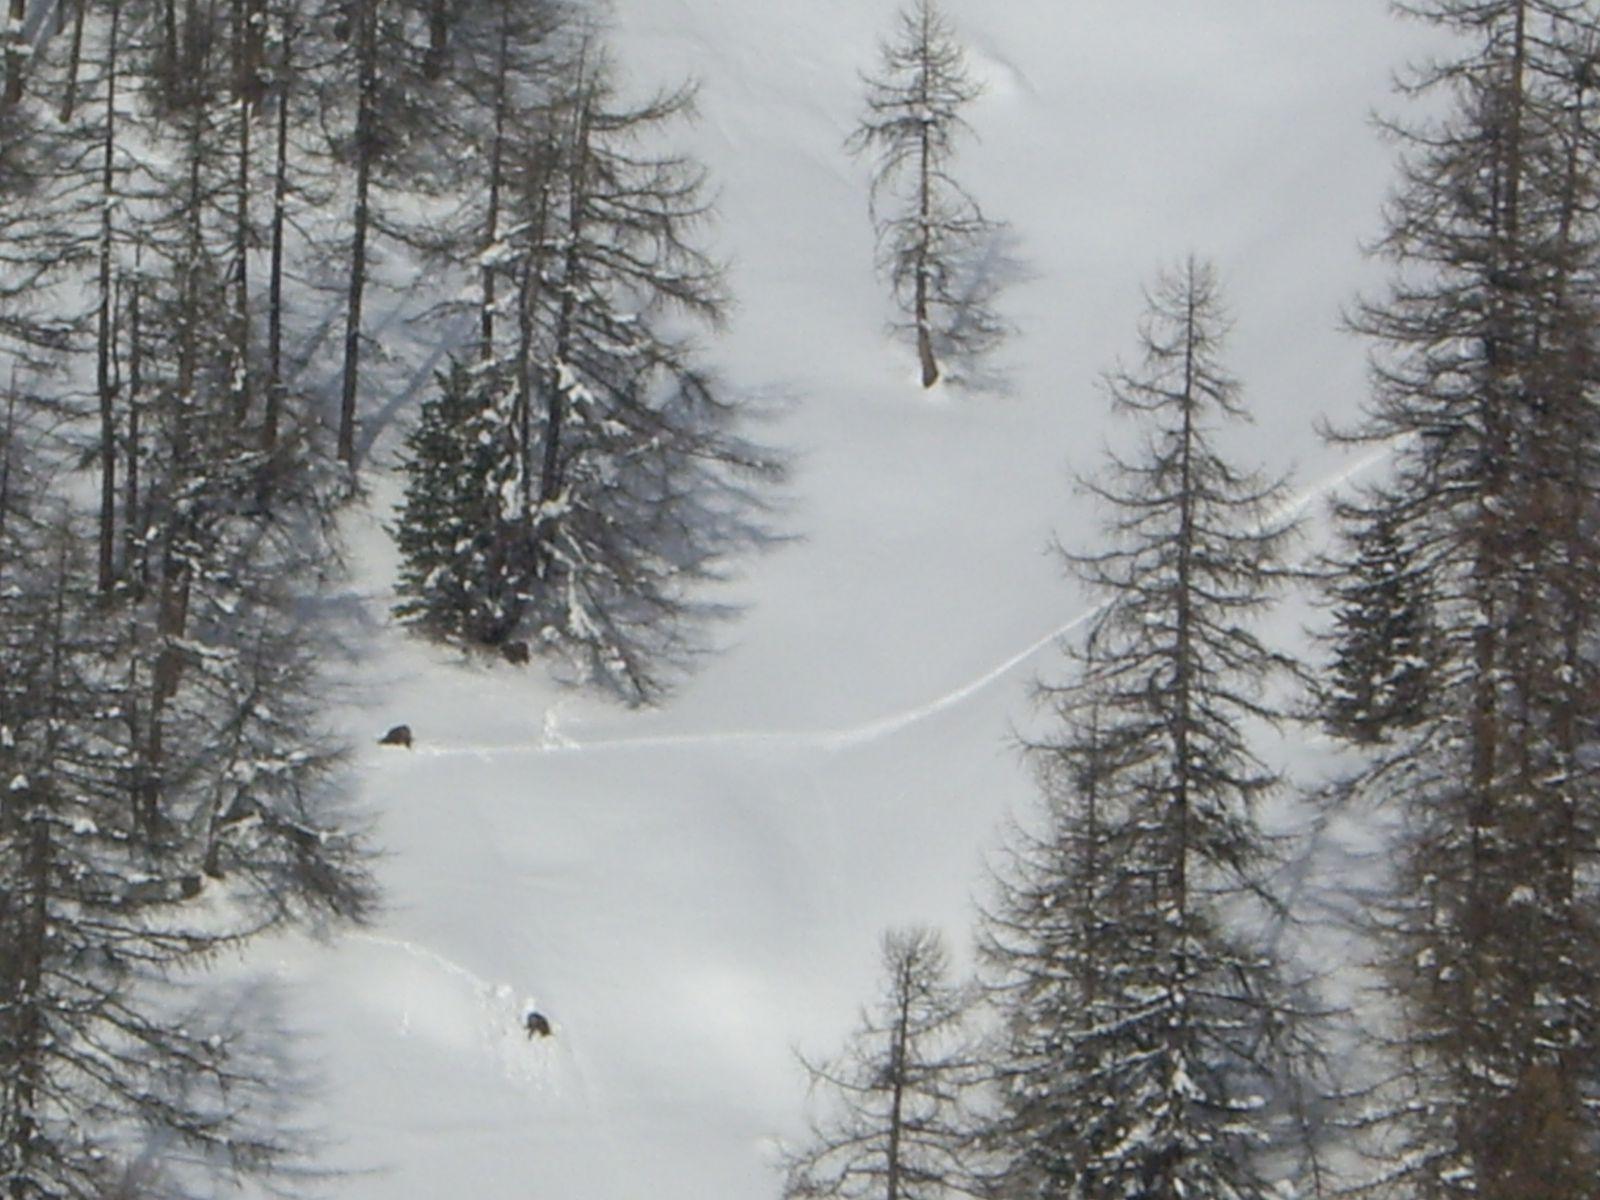 La neige cesse de tomber, en scrutent le flan de la montagne, nous apercevons deux petites tâches noires. L'exploration à la jumelle nous fait dire que les chamois commencent à sortir. Pour eux aussi l'hiver est trés long.